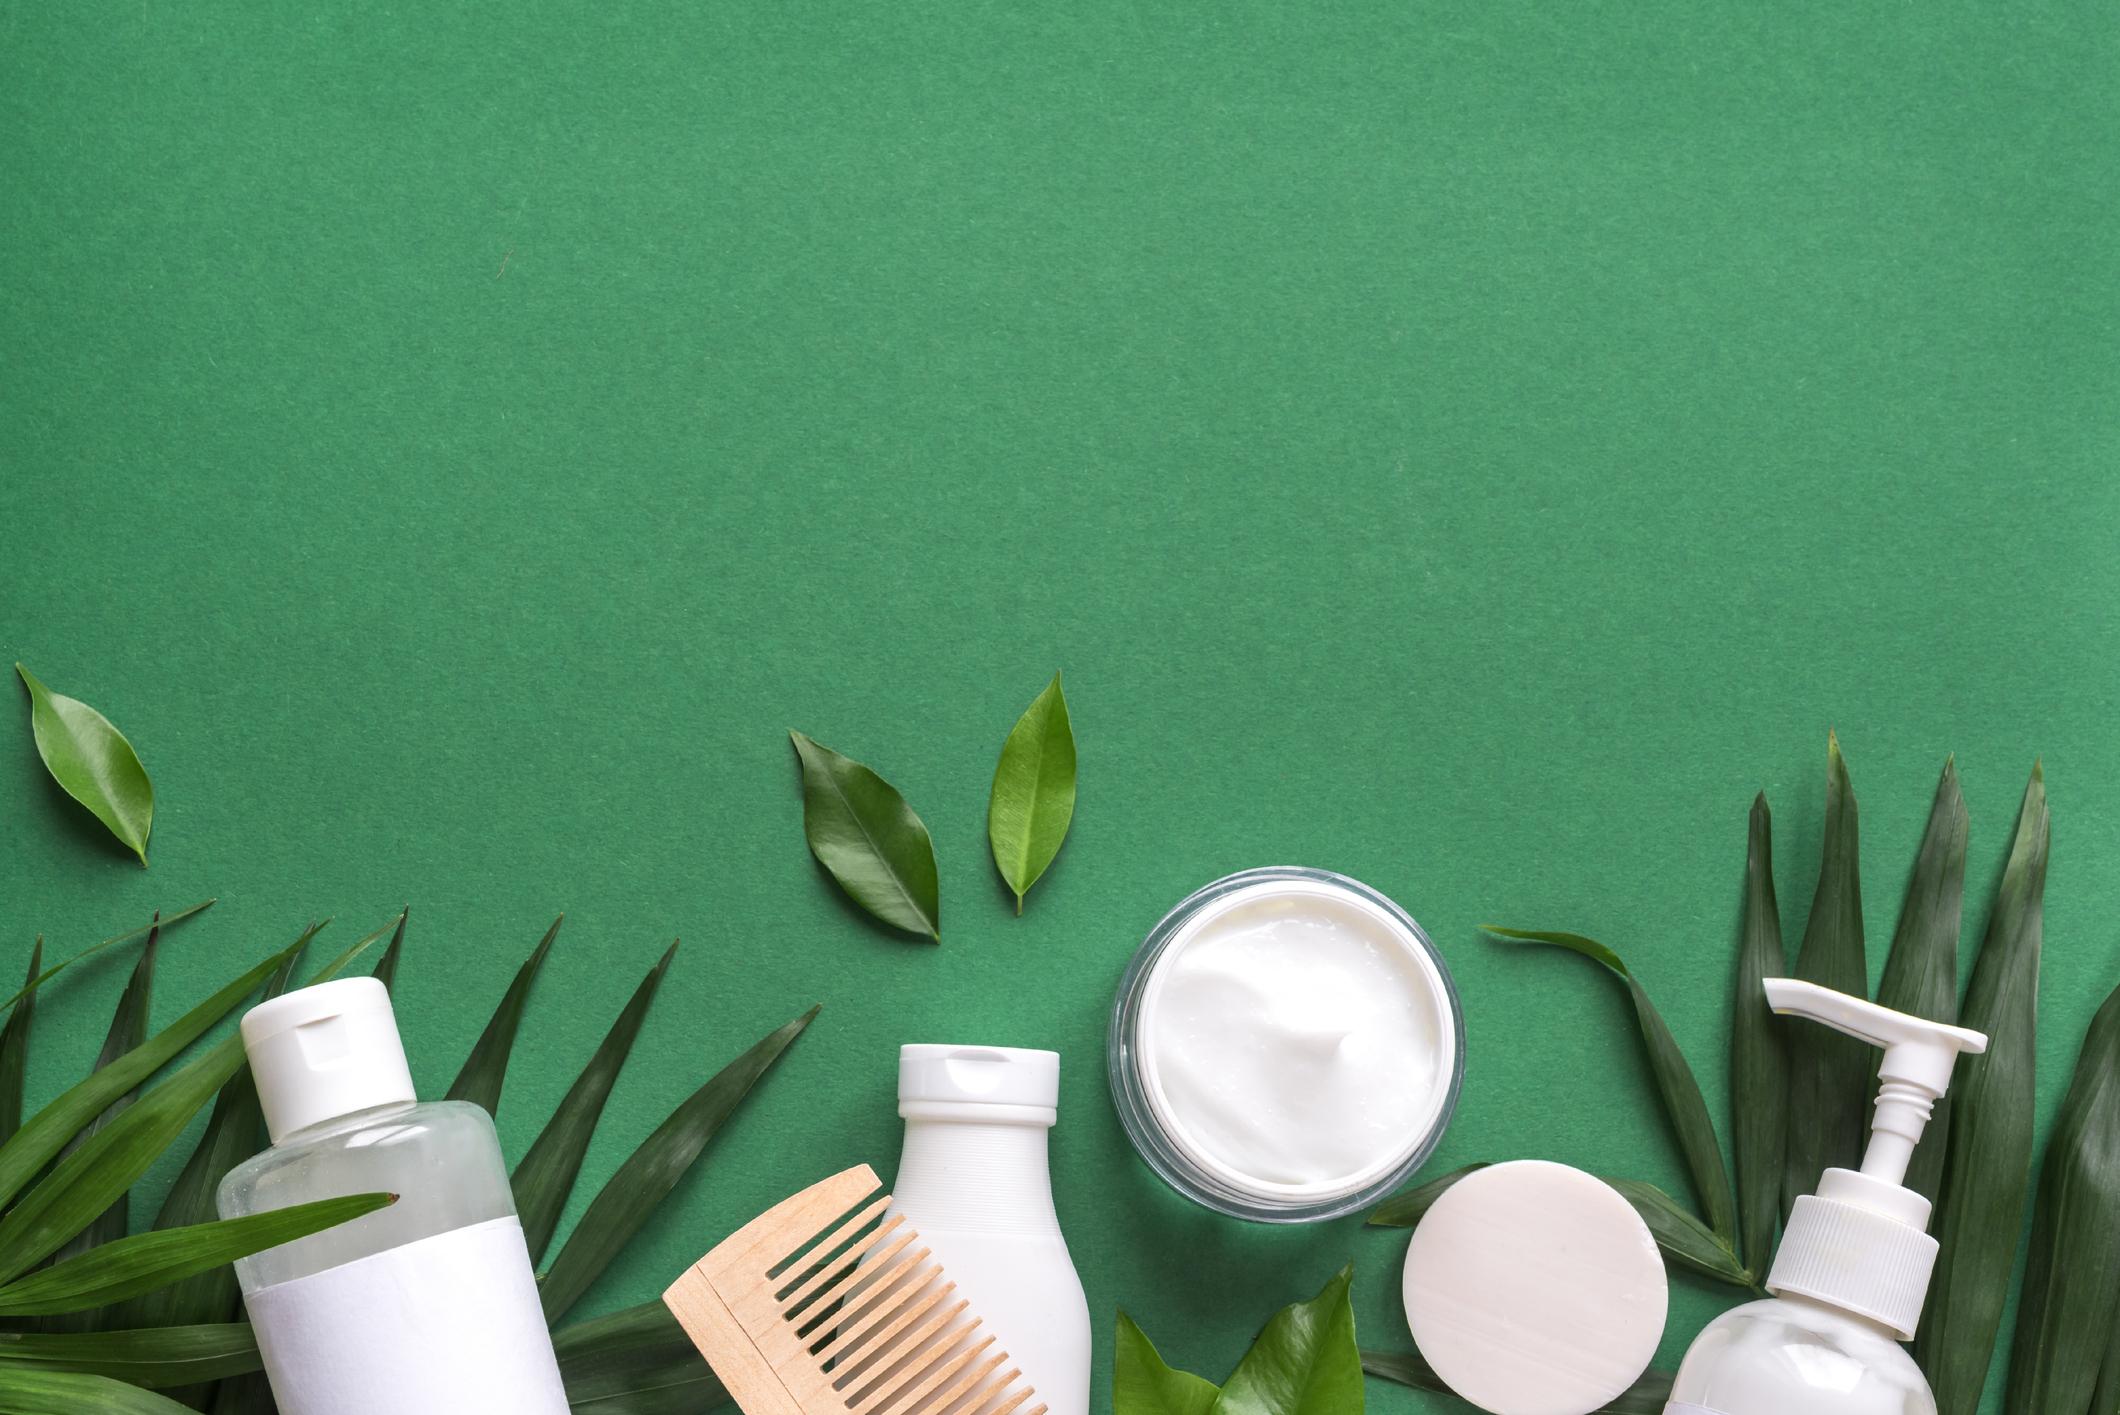 Conhece os cosméticos sustentáveis? Tire suas dúvidas aqui!